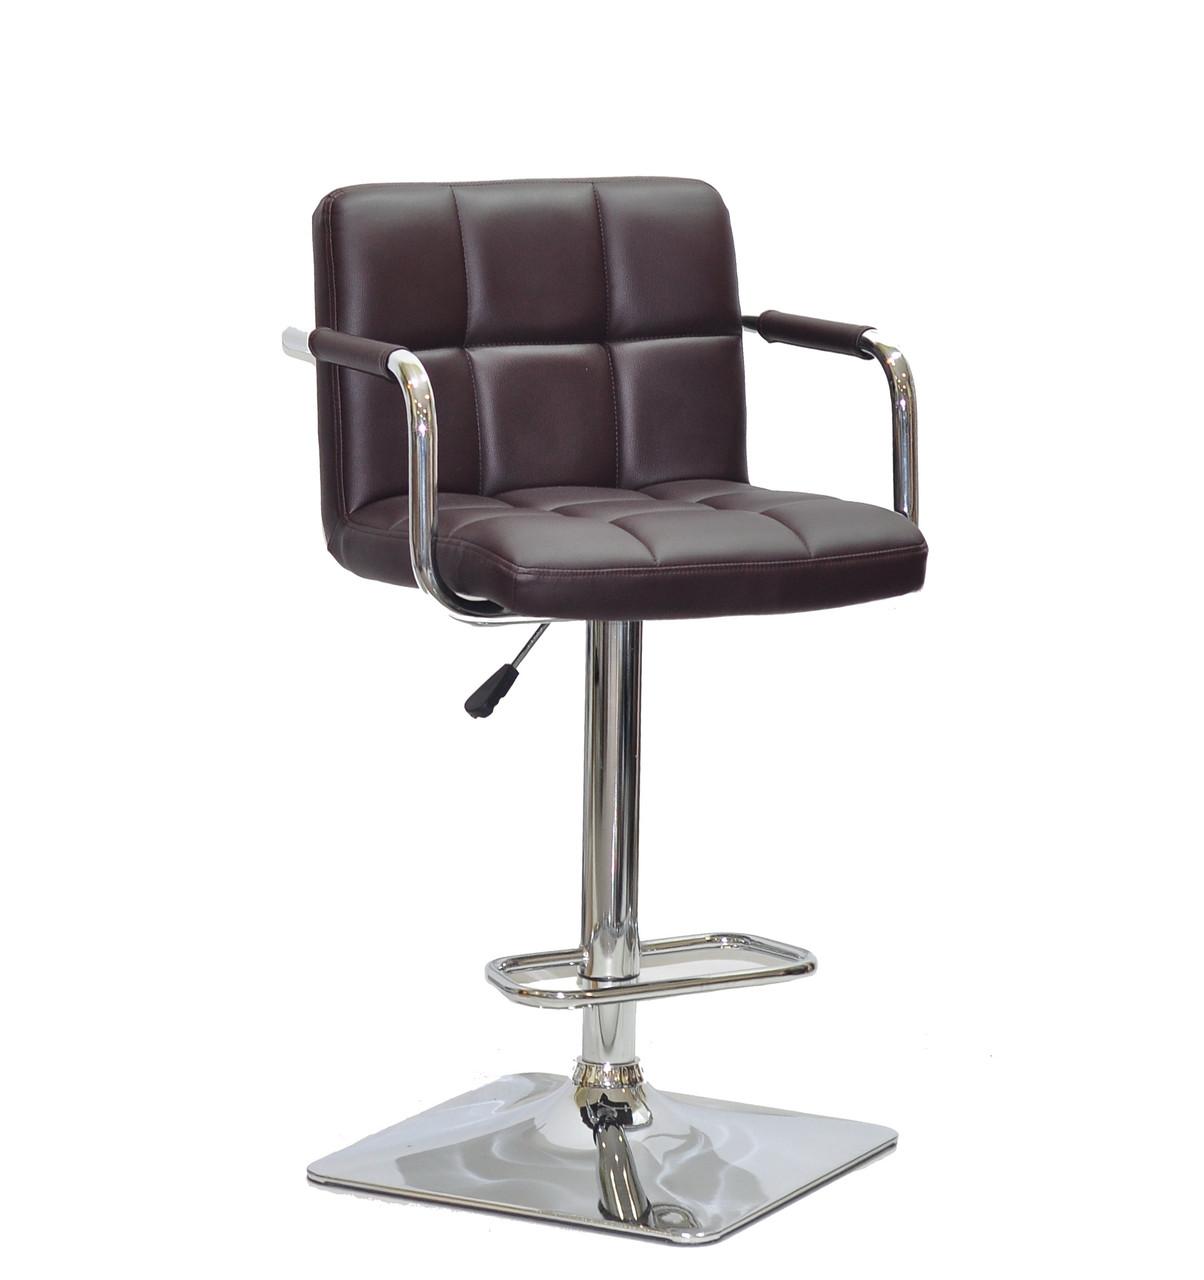 Барный стул Арно коричневый кожзам с подлокотниками на квадратной хром базе ARNO BAR 4CH - BASE